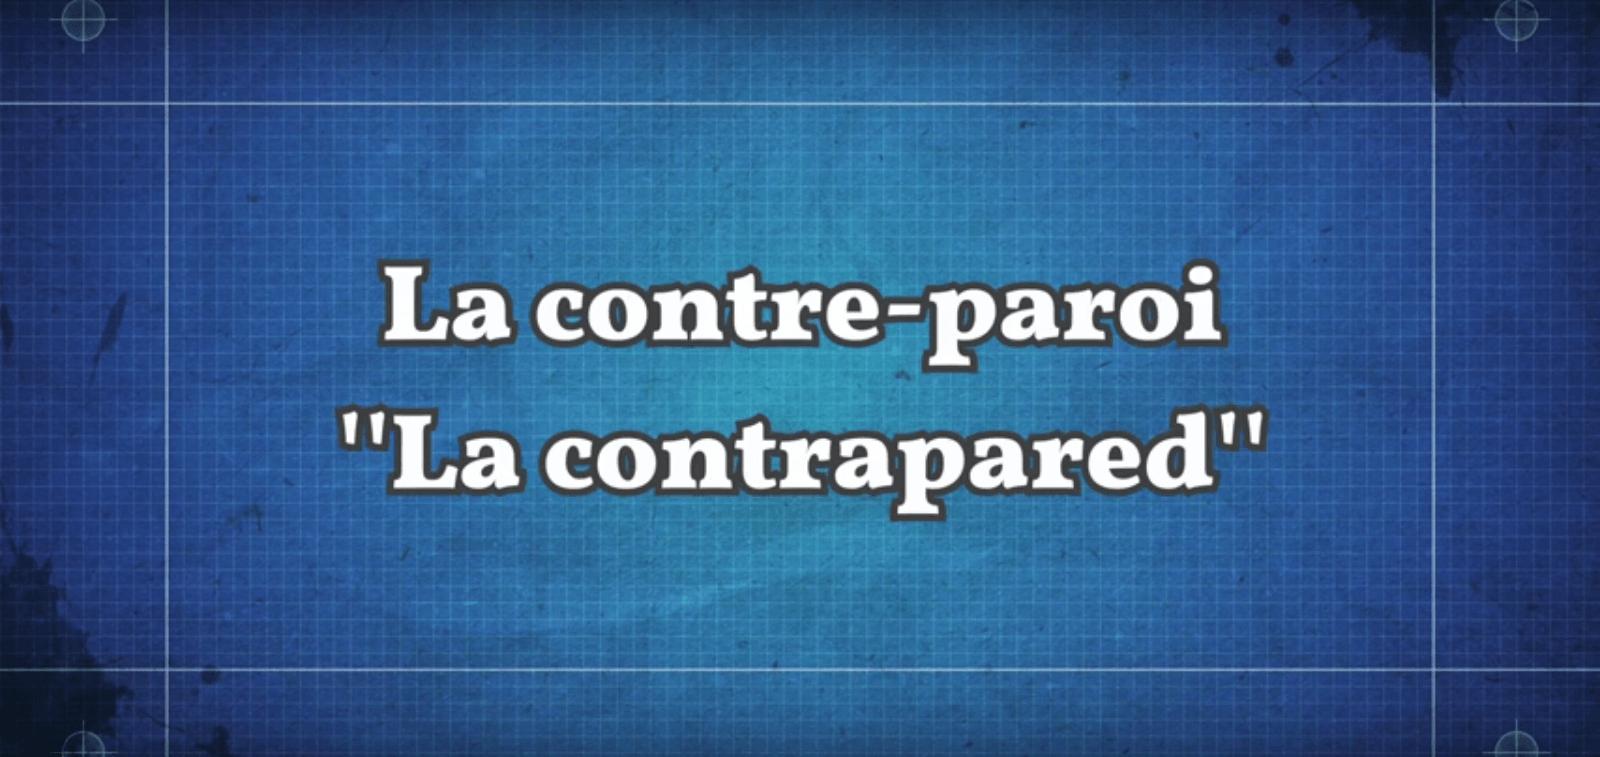 """La contre-paroi ou """"contrapared"""" : coup de défense contre le mur"""